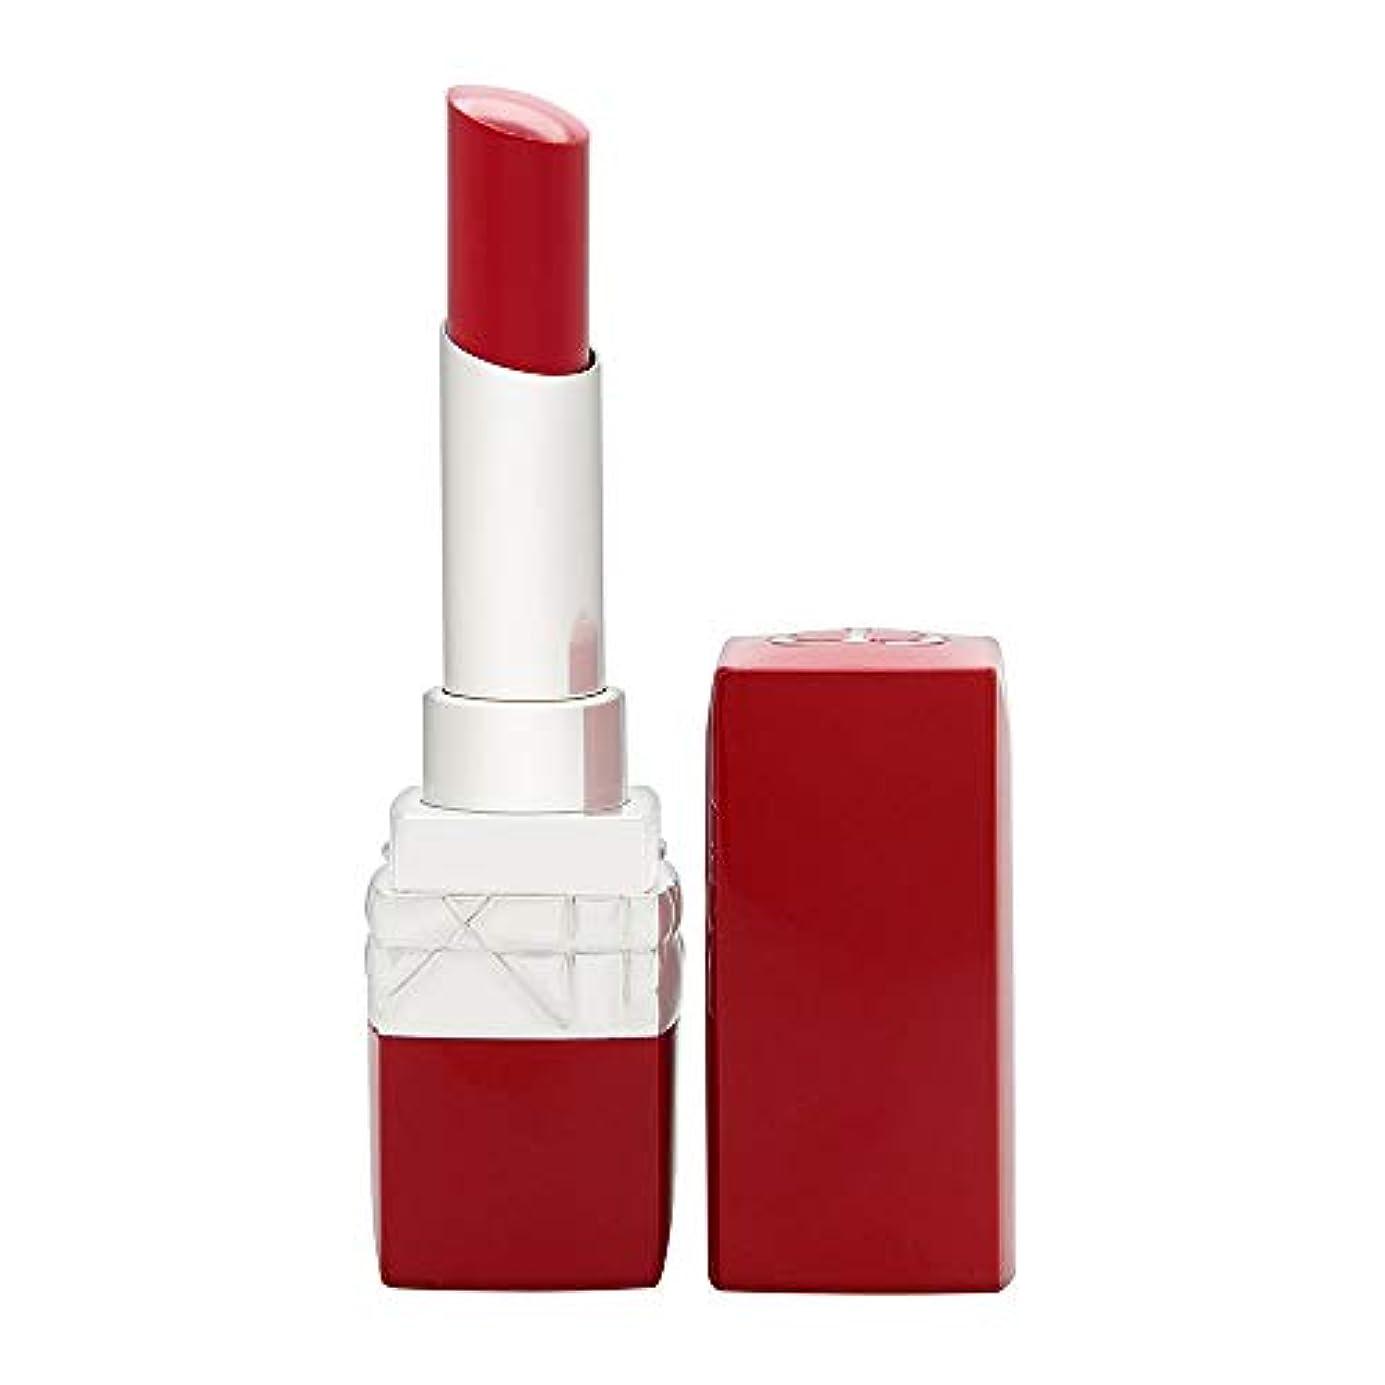 起きろ対処主張するクリスチャンディオール Rouge Dior Ultra Rouge - # 999 Ultra Dior 3.2g/0.11oz並行輸入品